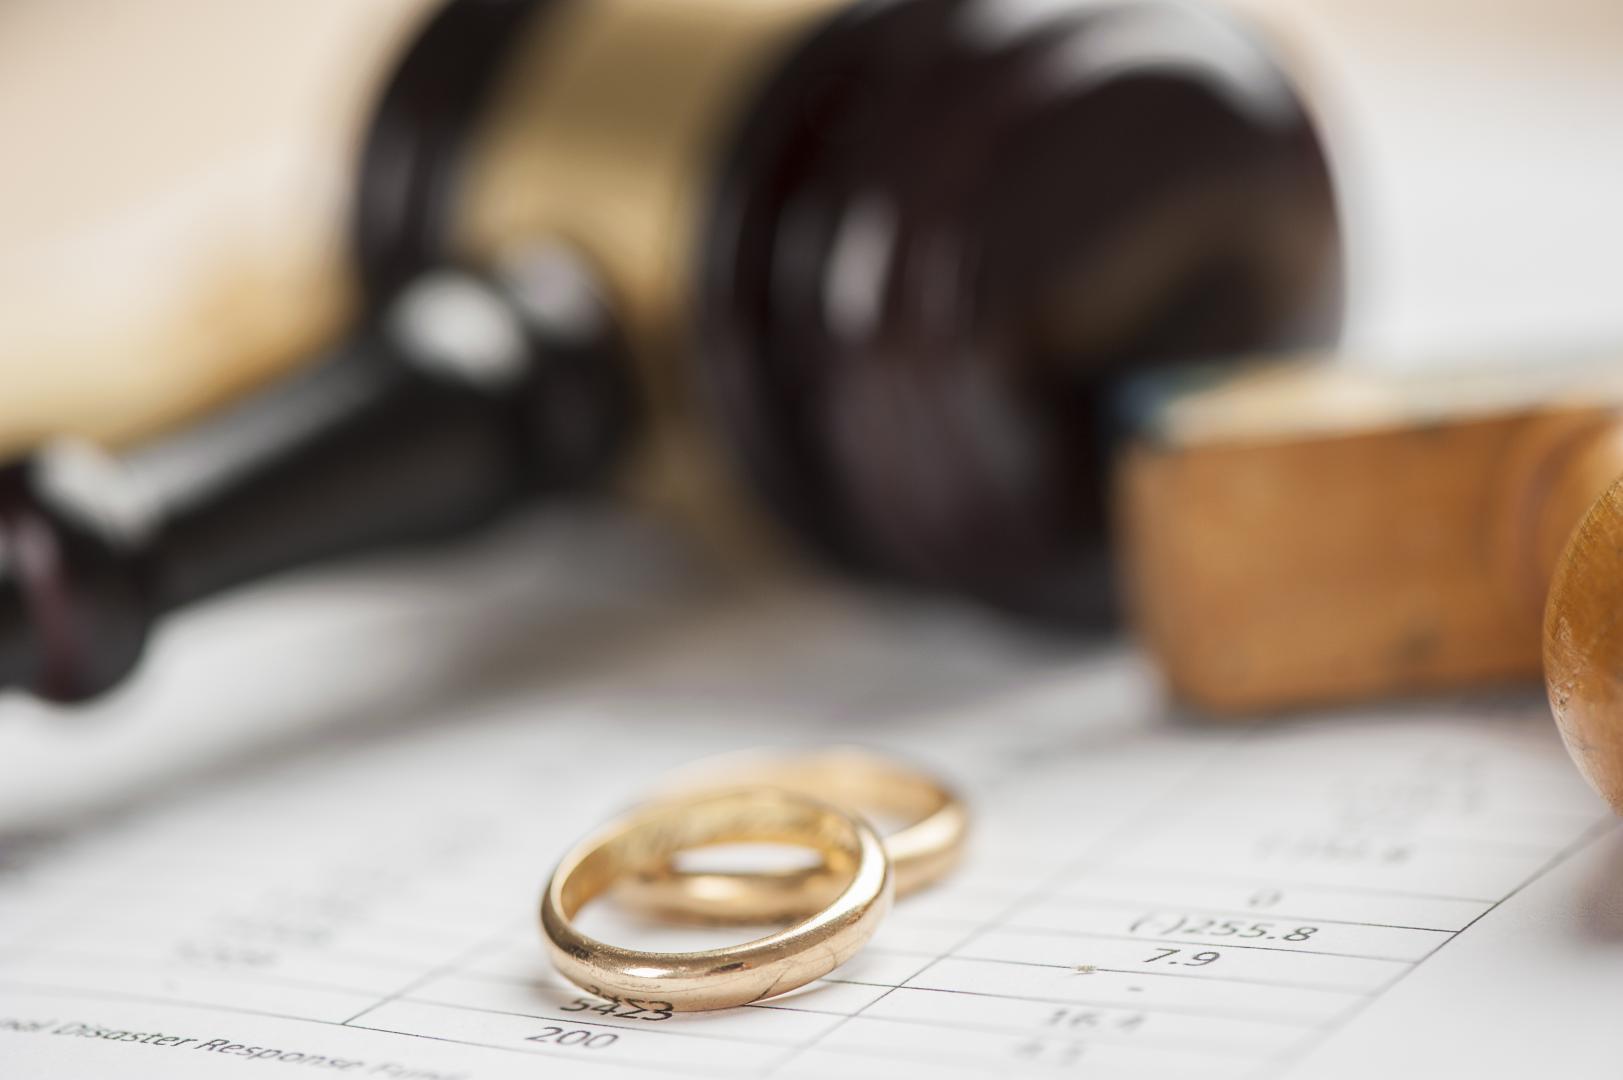 infedelta-coniugale-tradimento-marito-moglie-investigatore